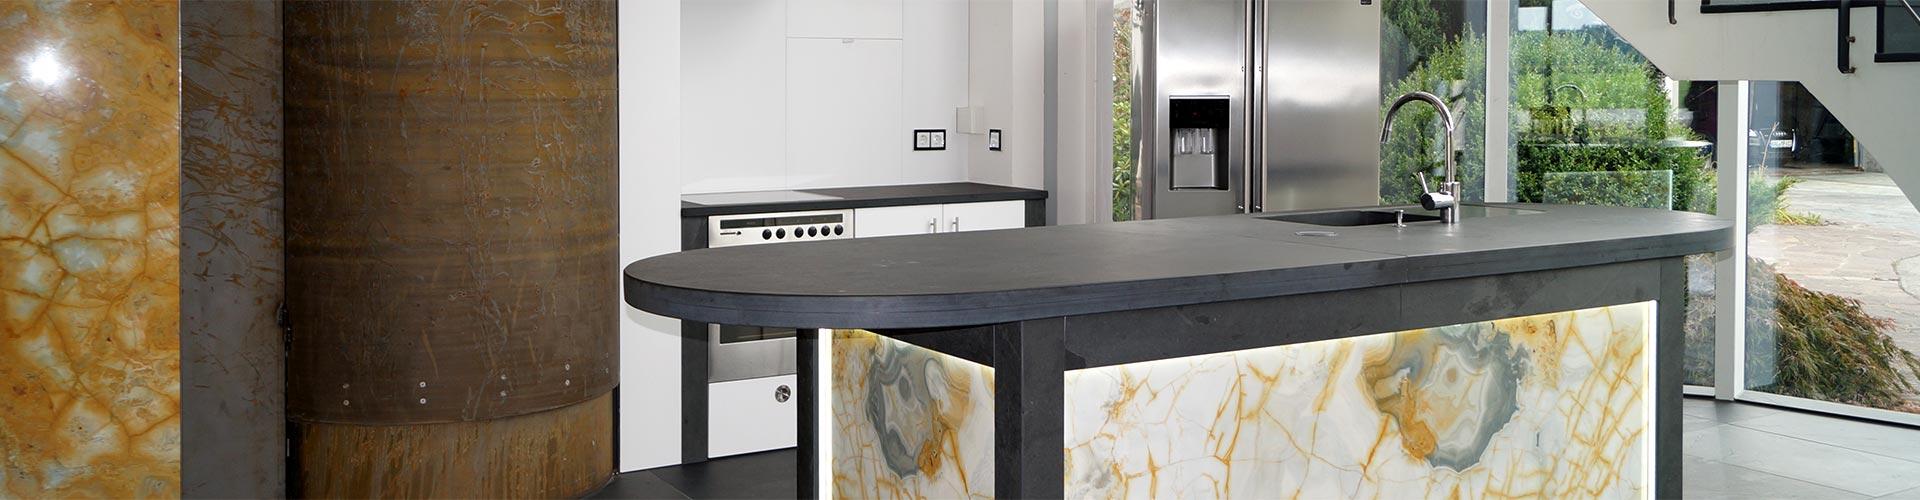 Marmor in Küche und Badezimmer